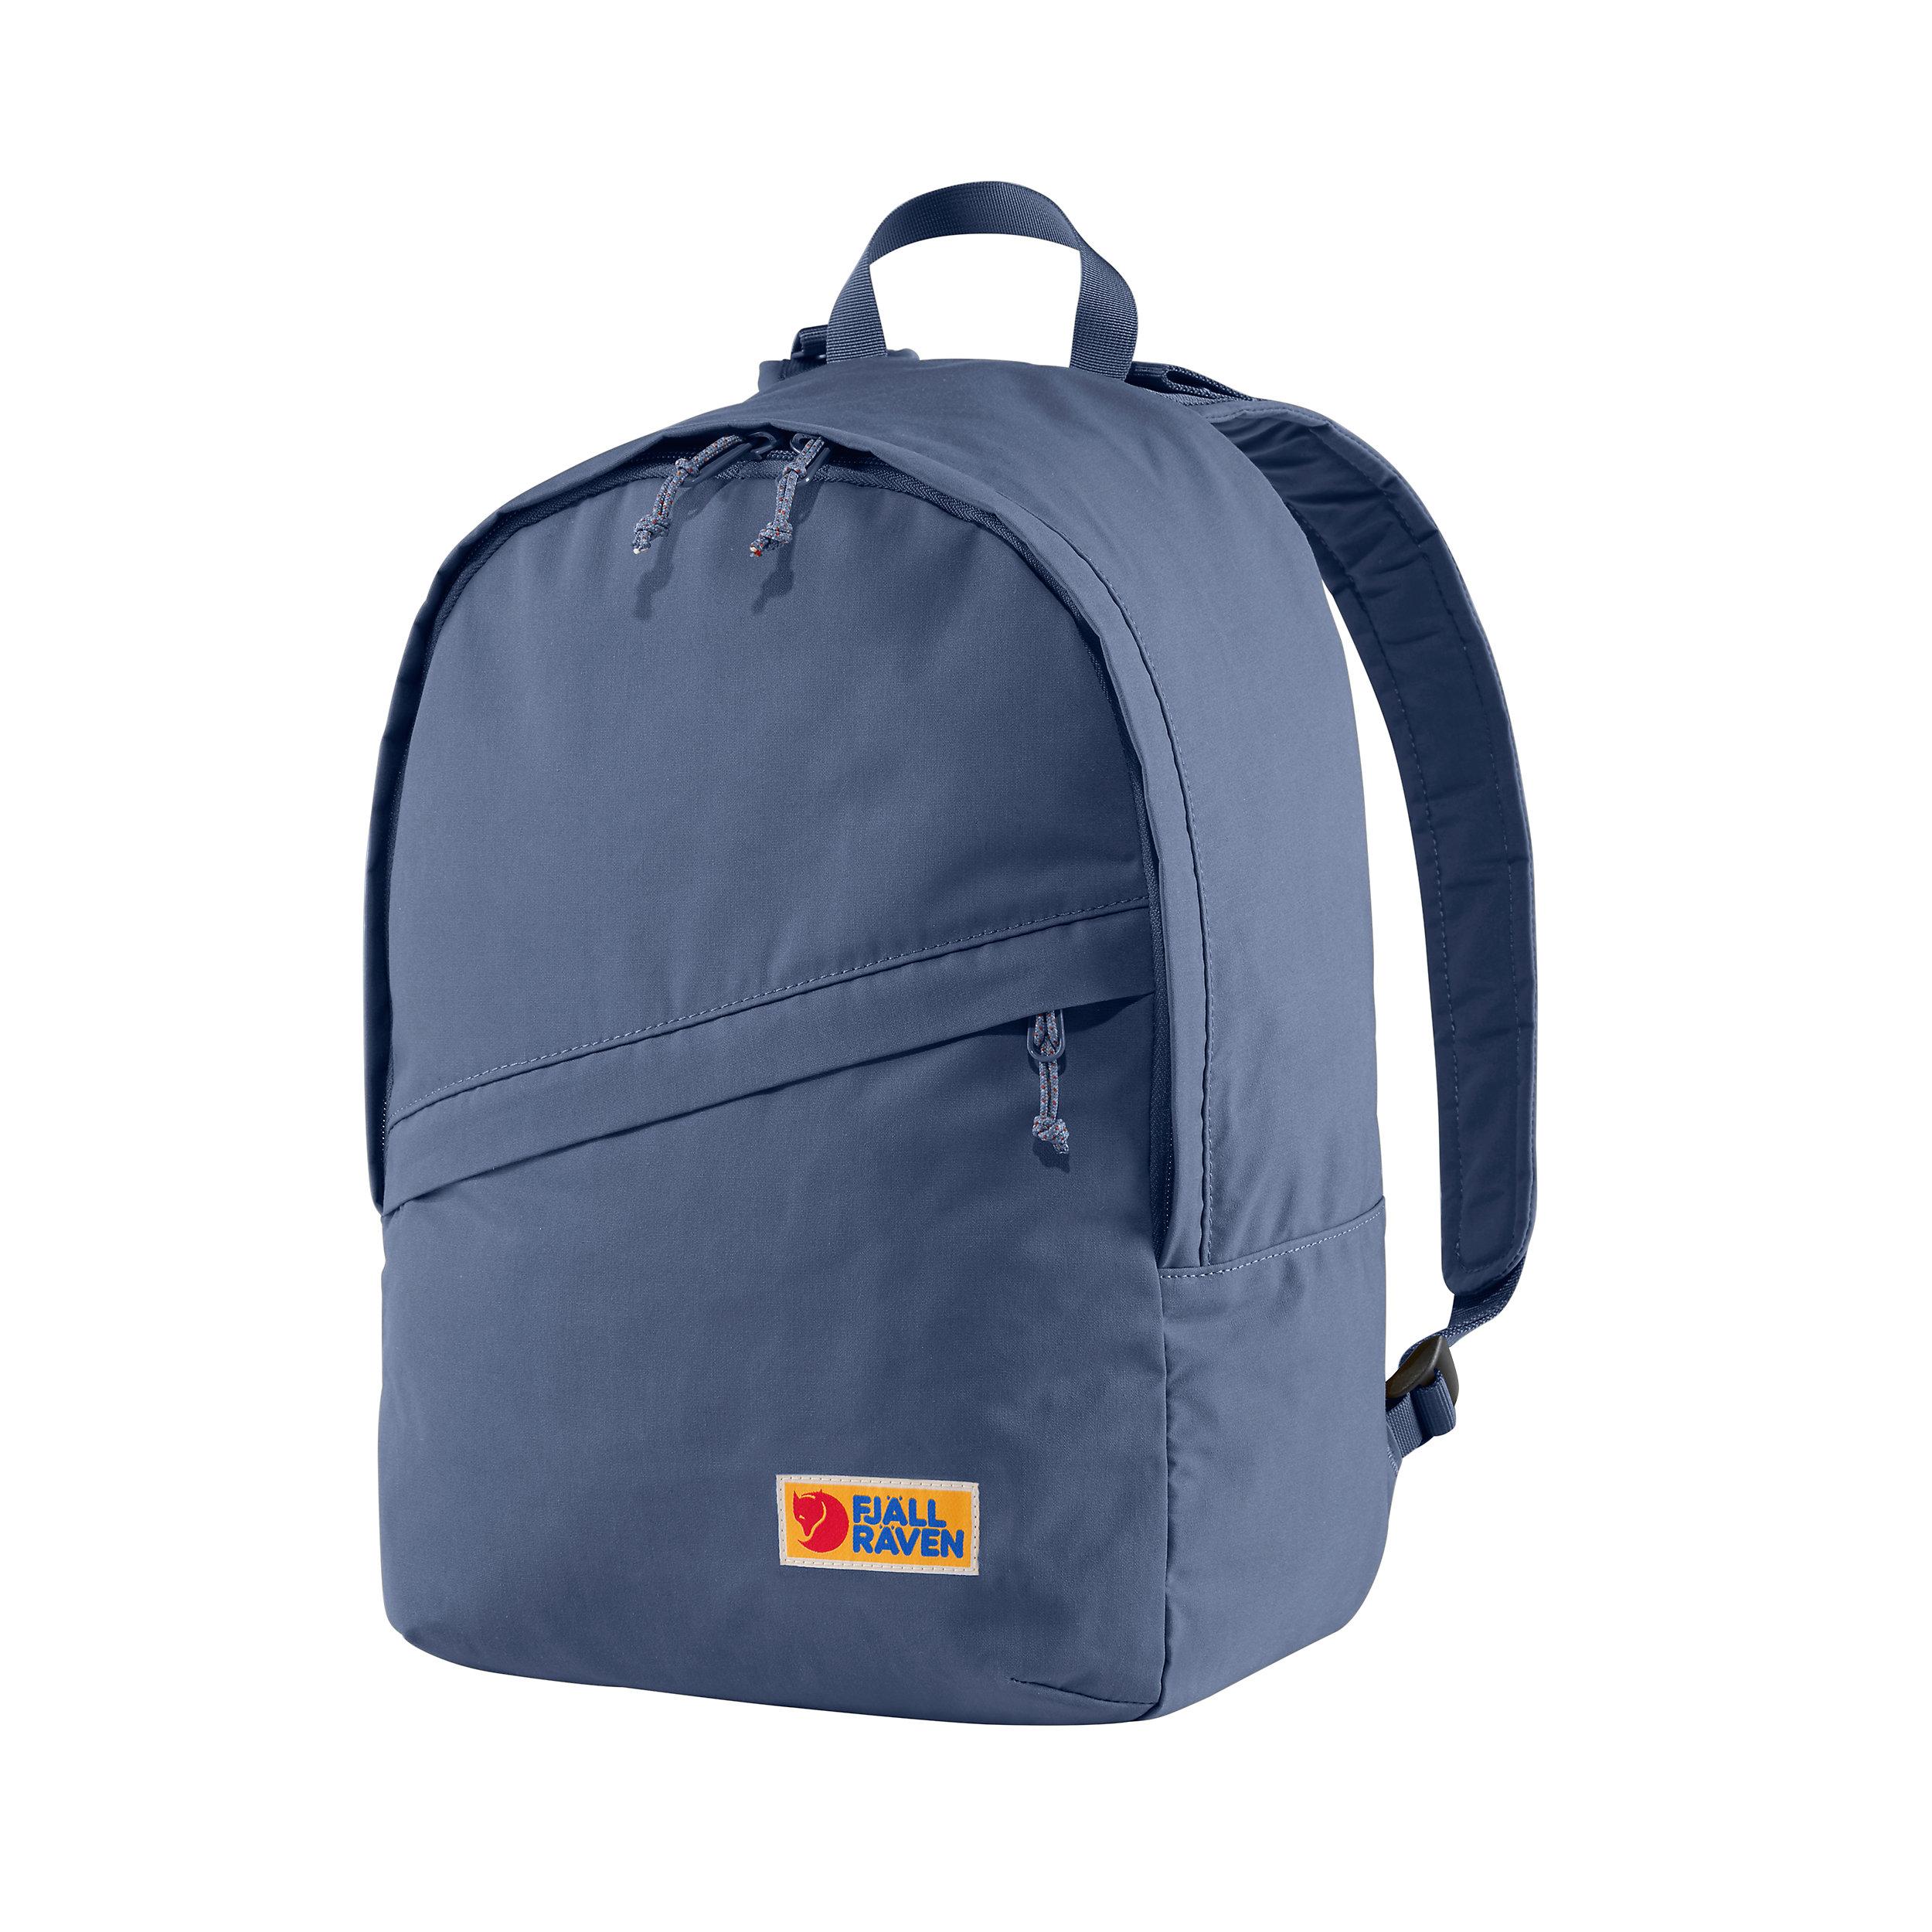 Backpack Vardag 25 15 Inch Medium